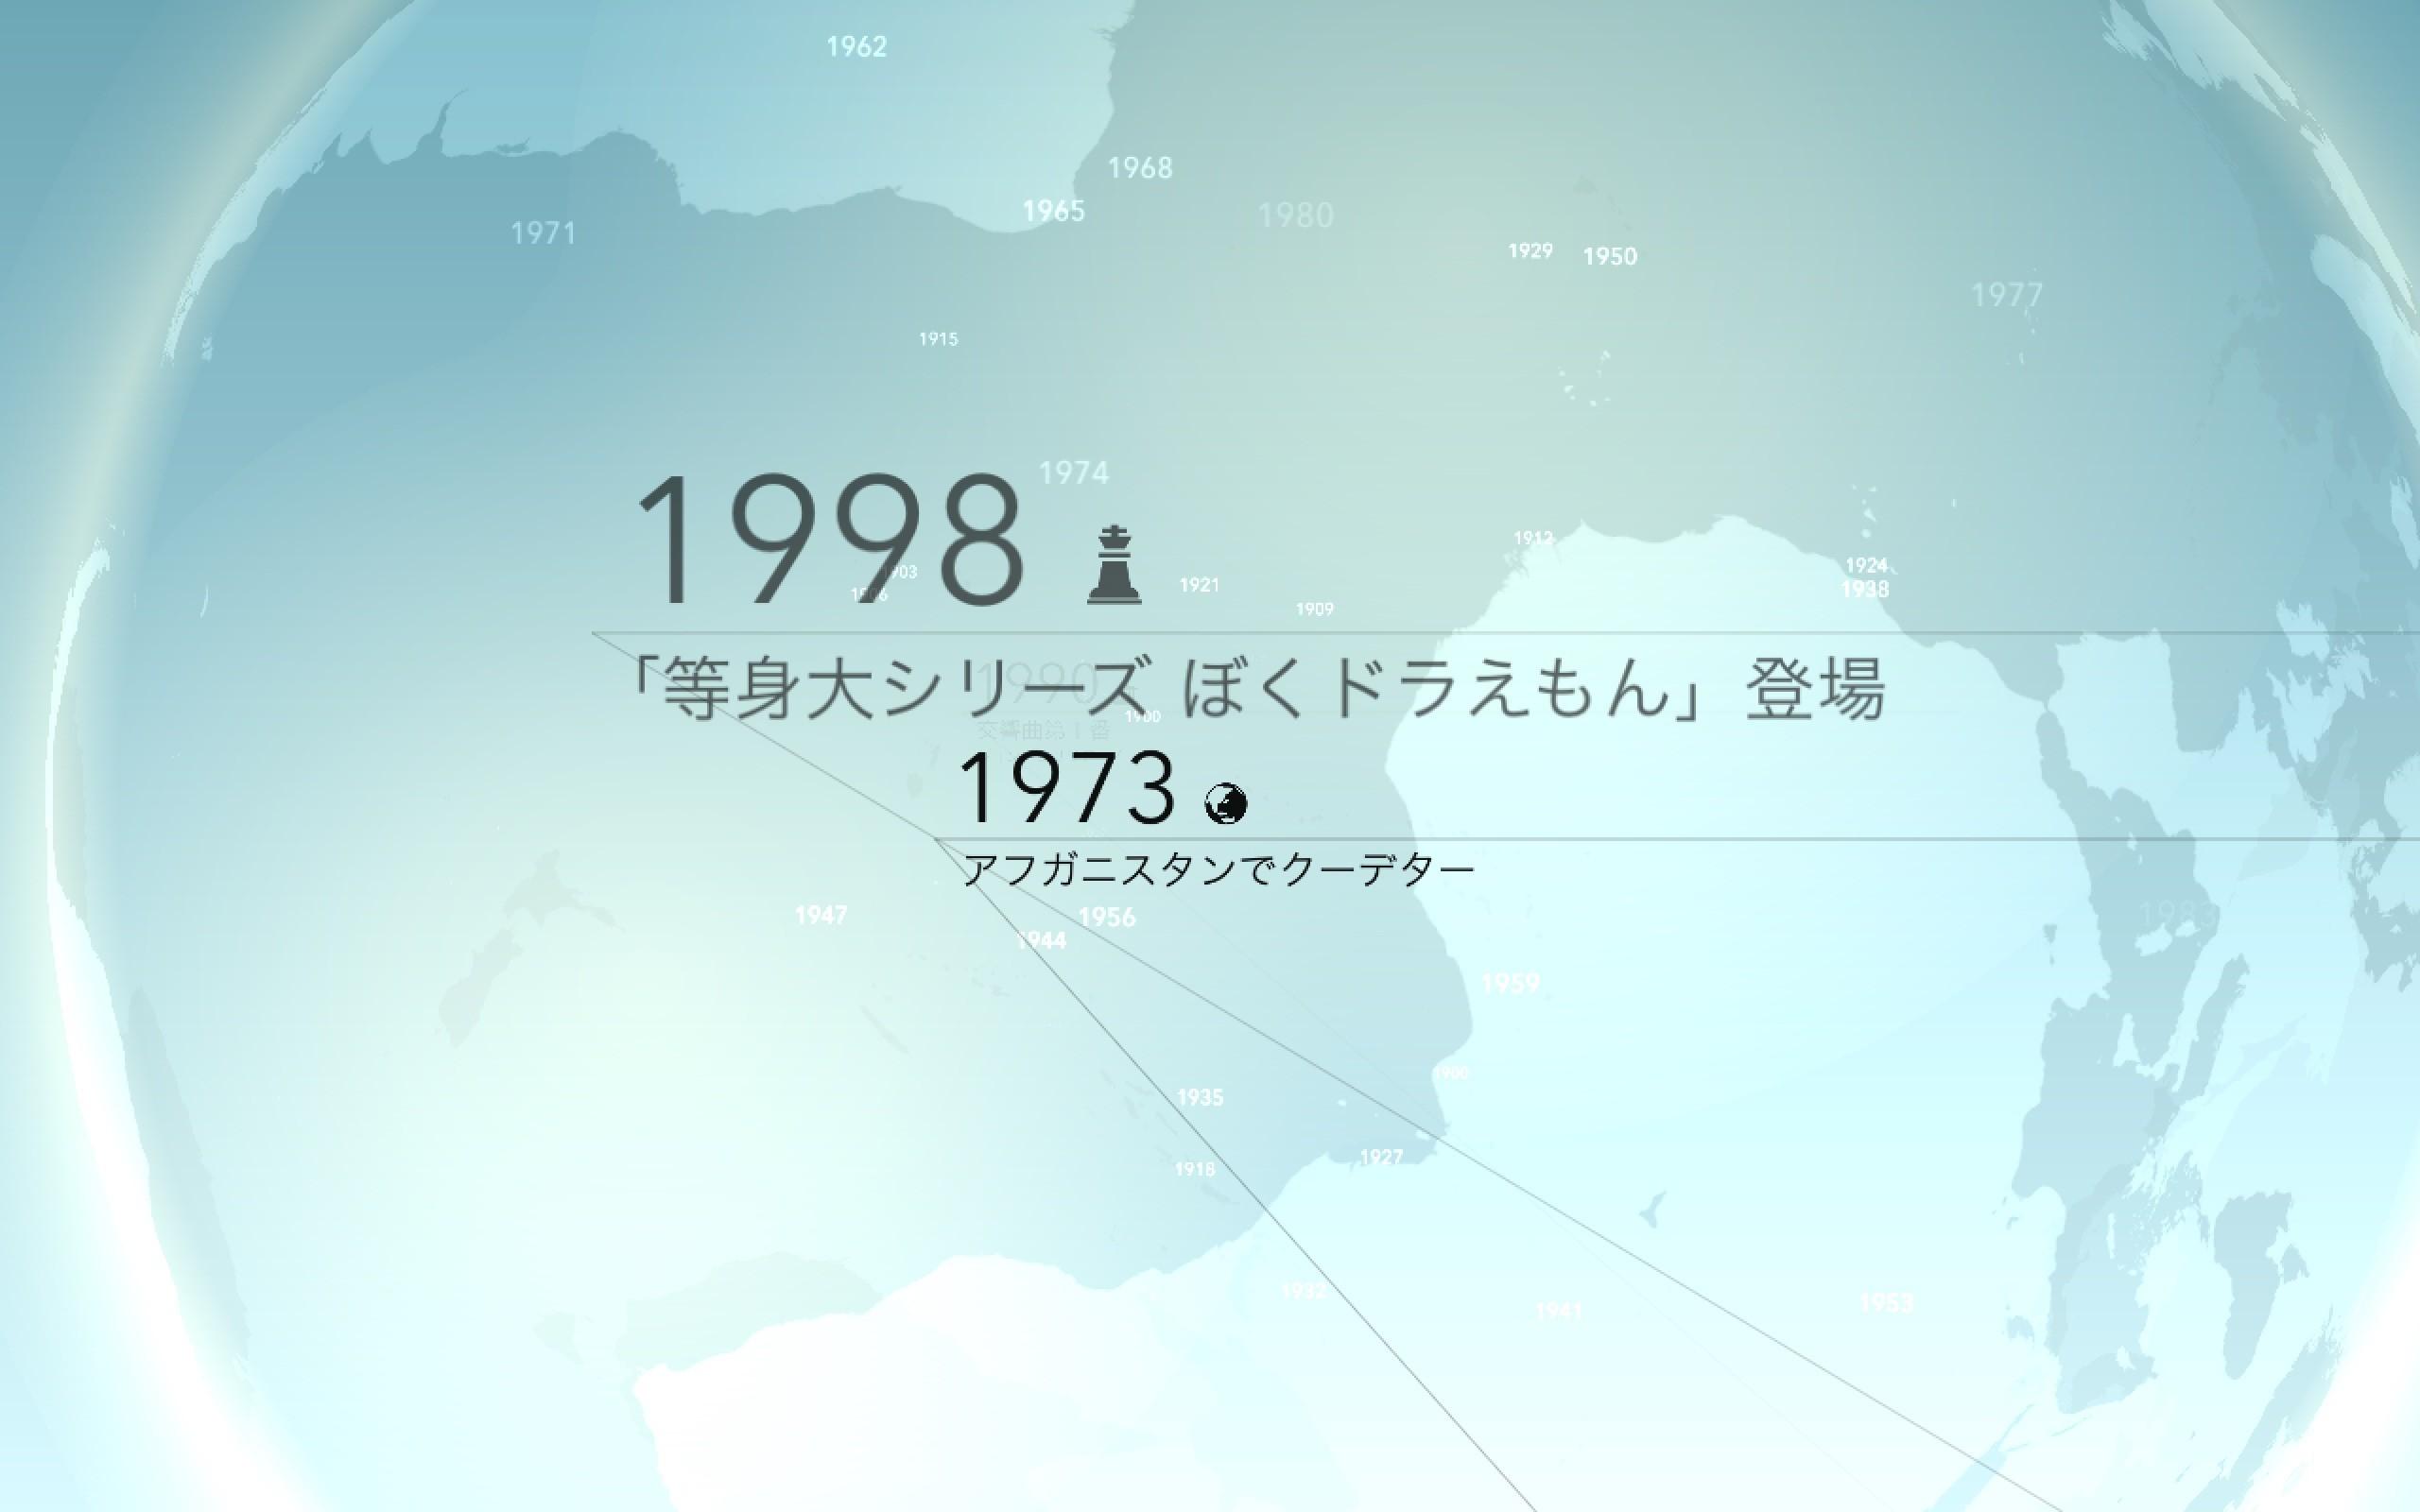 1998-等身大シリーズぼくドラえもん